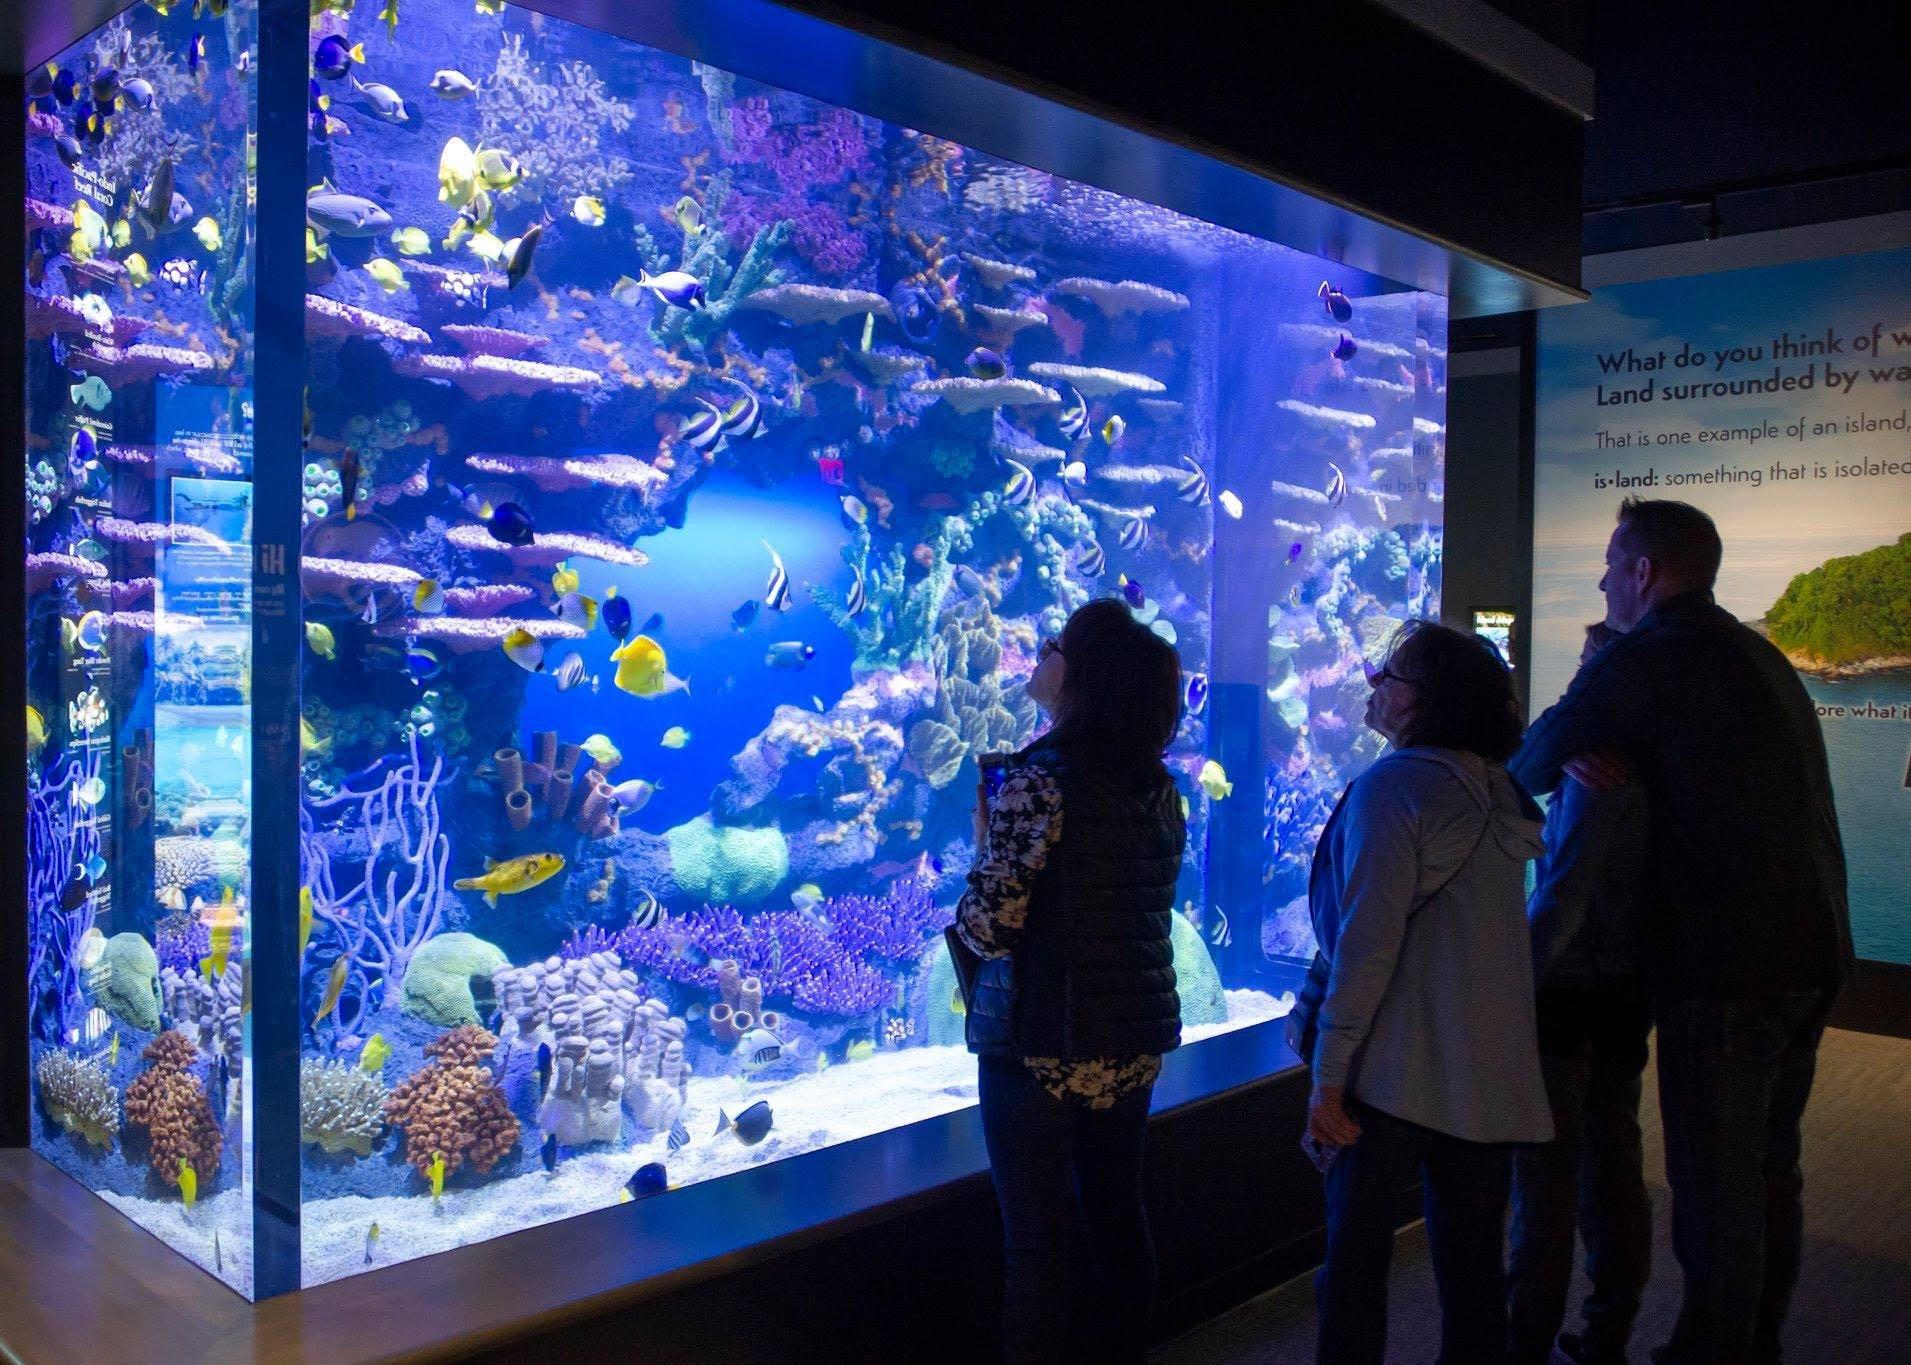 Custom Fiberglass Aquarium built for the Tennessee Aquarium